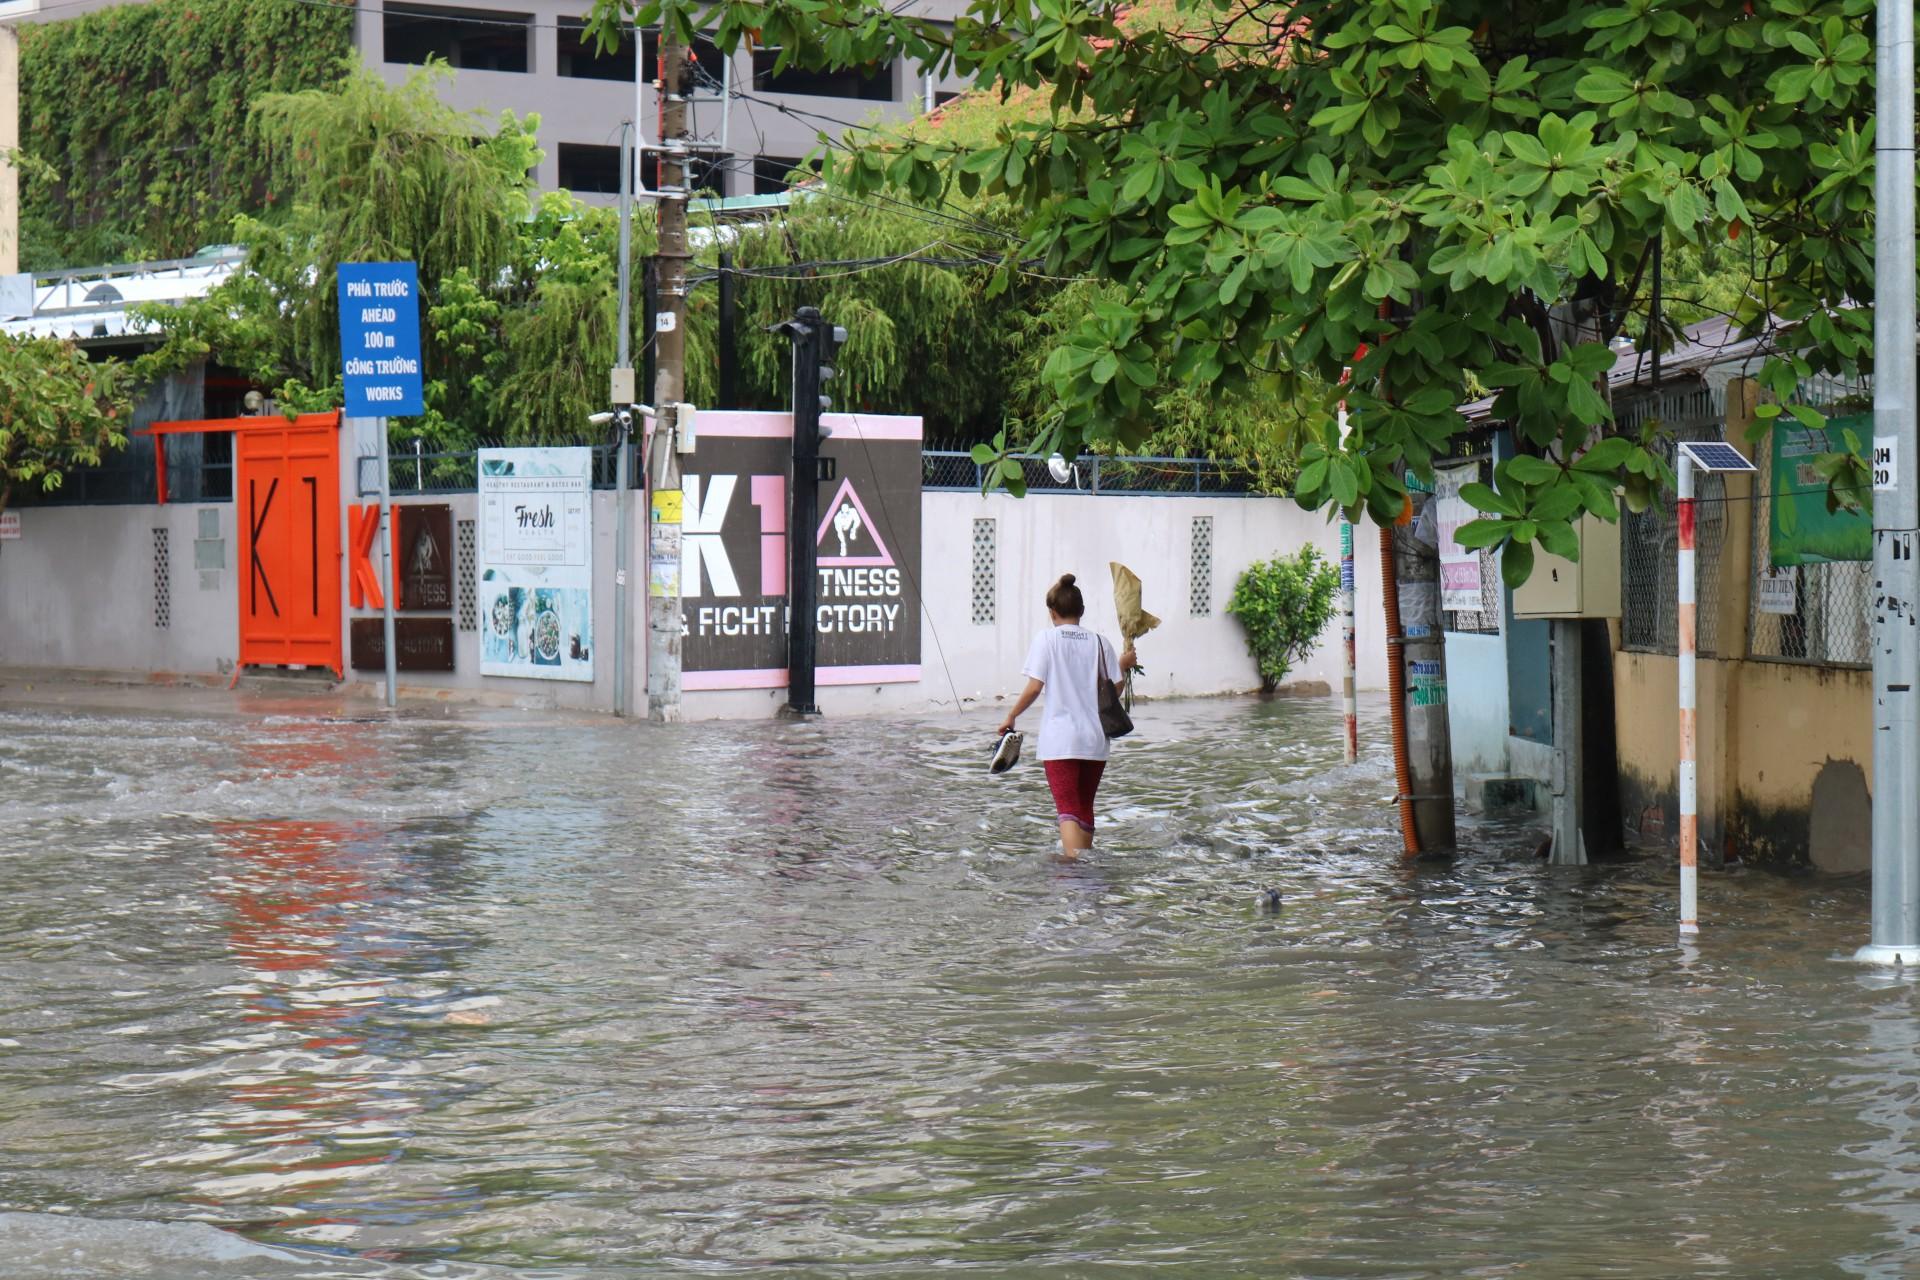 Sài Gòn mưa lớn ngày cuối tuần, đường thành sông, người dân chật vật lội nước về nhà - Ảnh 5.